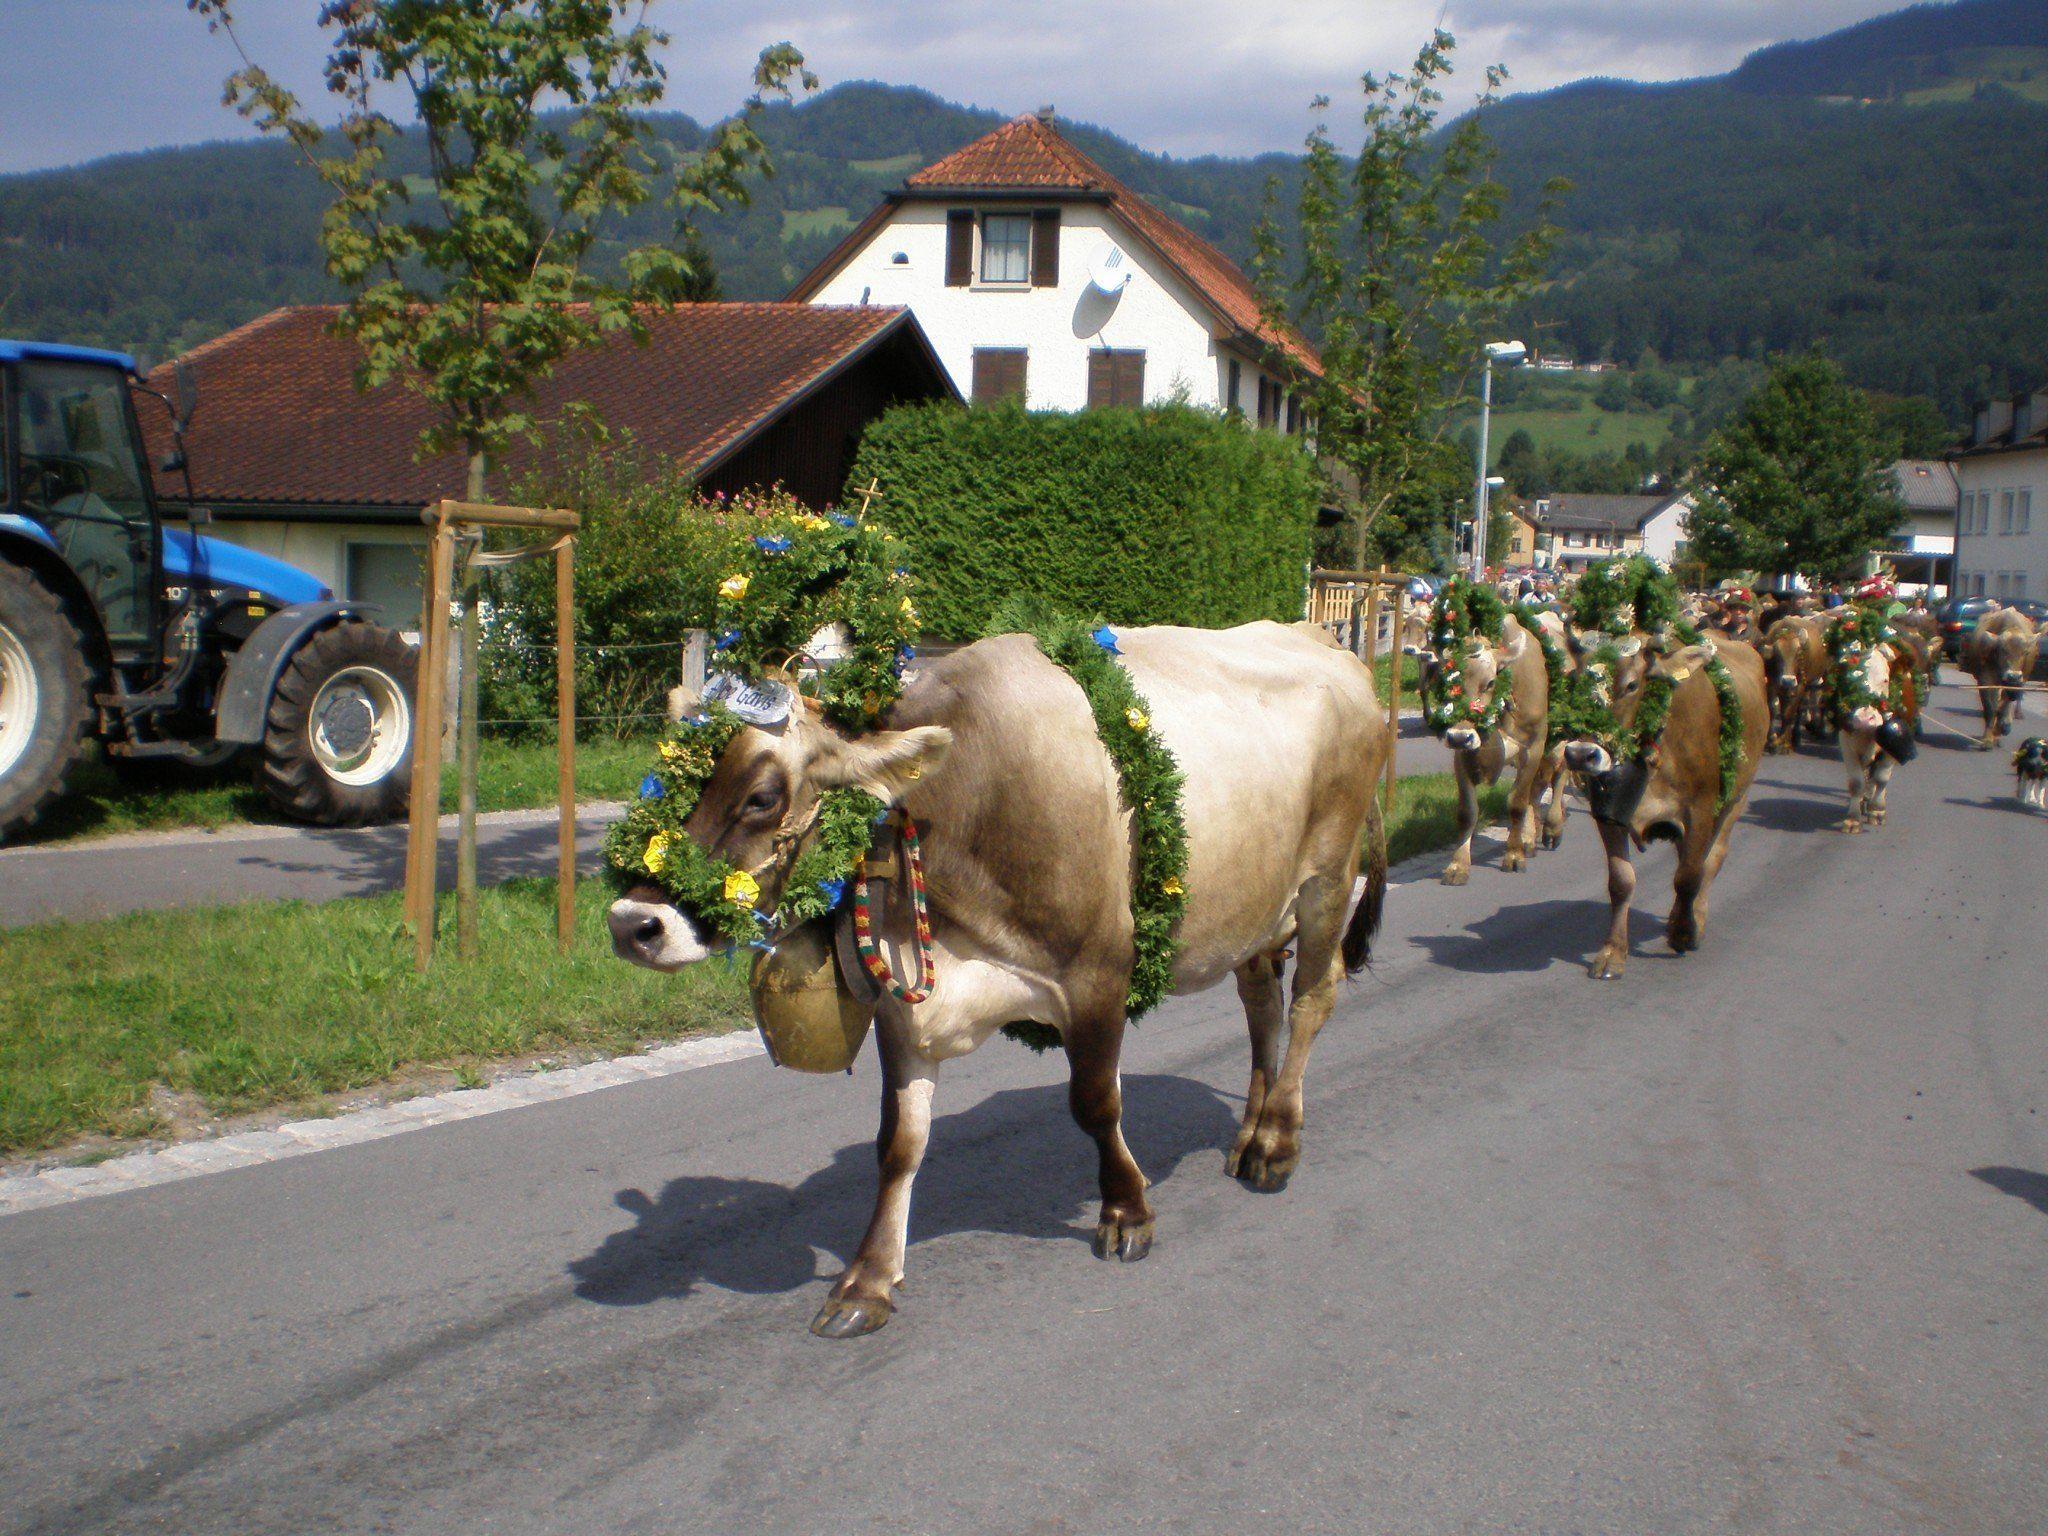 Alpabfahrt der Kühe in Satteins am 7. September 2013.